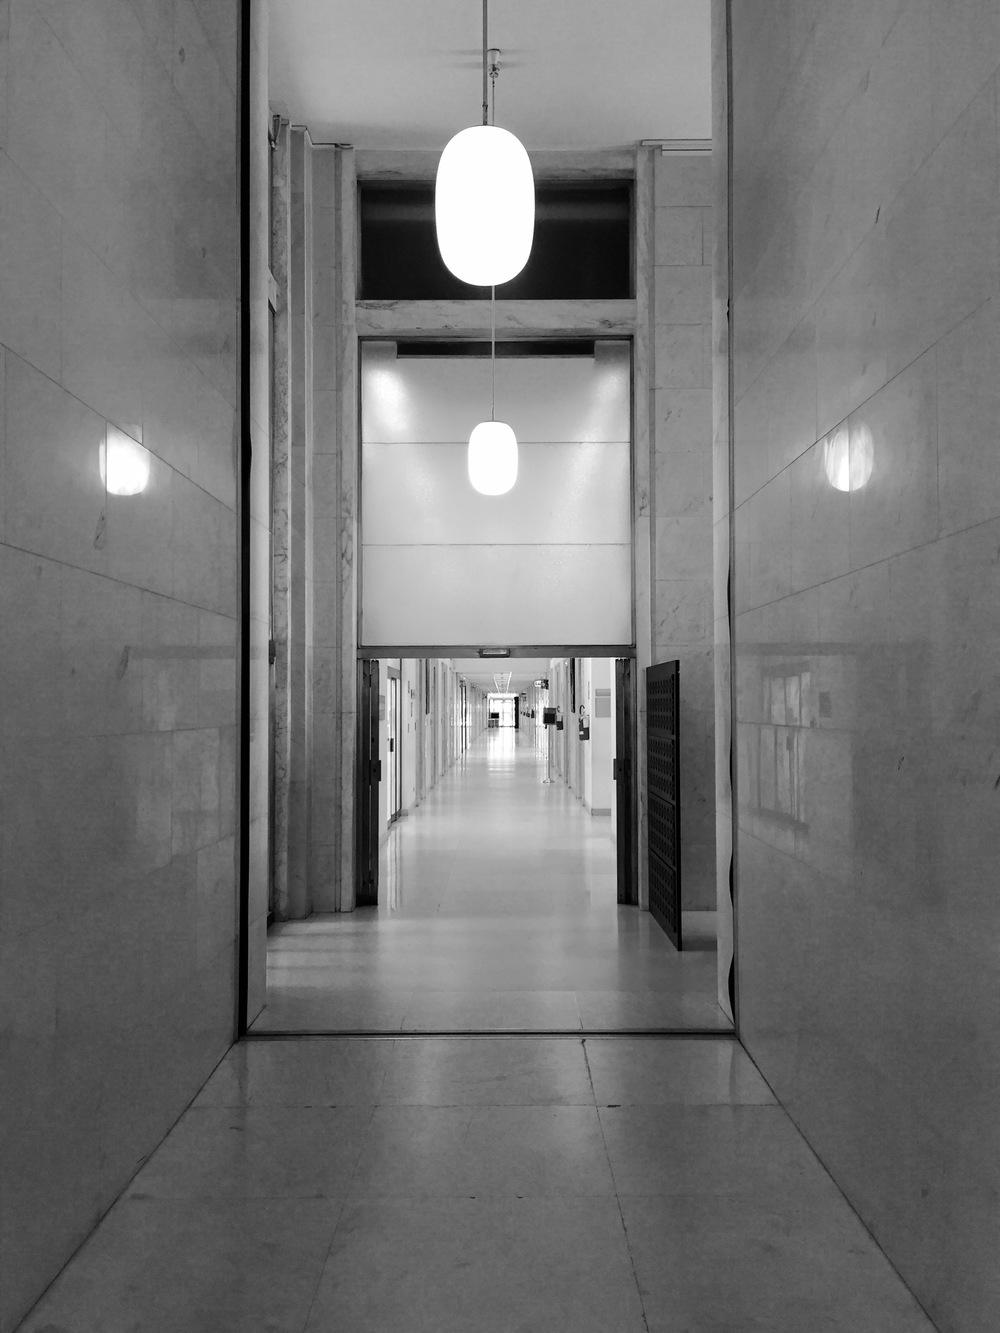 ministero-degli-affari-esteri-denis-bosnic-photography-porte-aperte-farnesina-indietro-interior-14.jpg